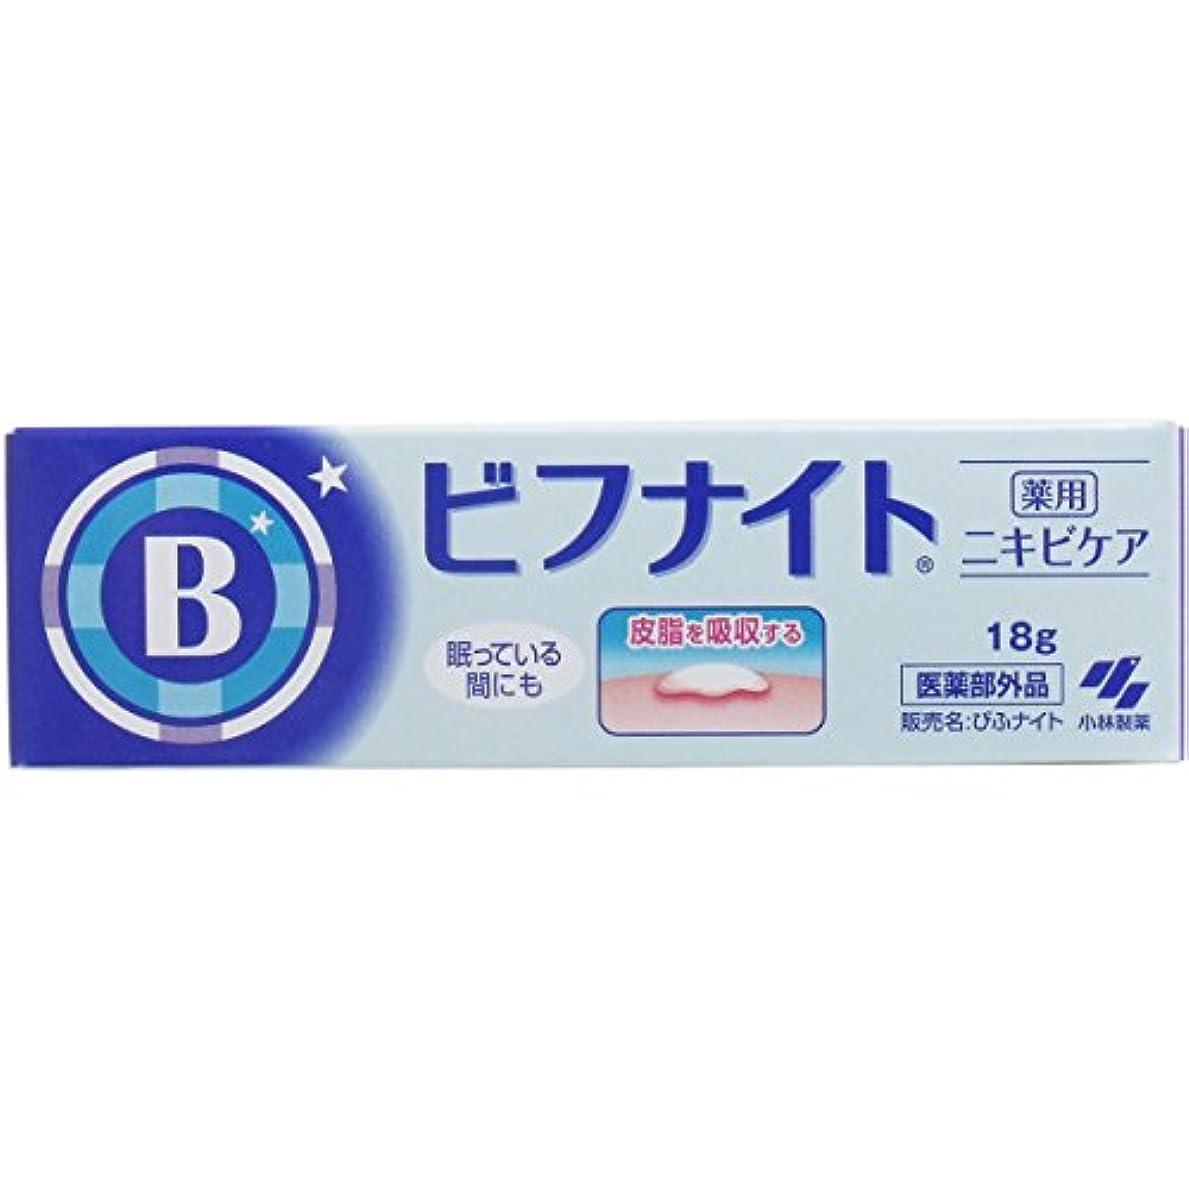 鰐メニュー壊れた小林製薬 ビフナイト 18g (医薬部外品)